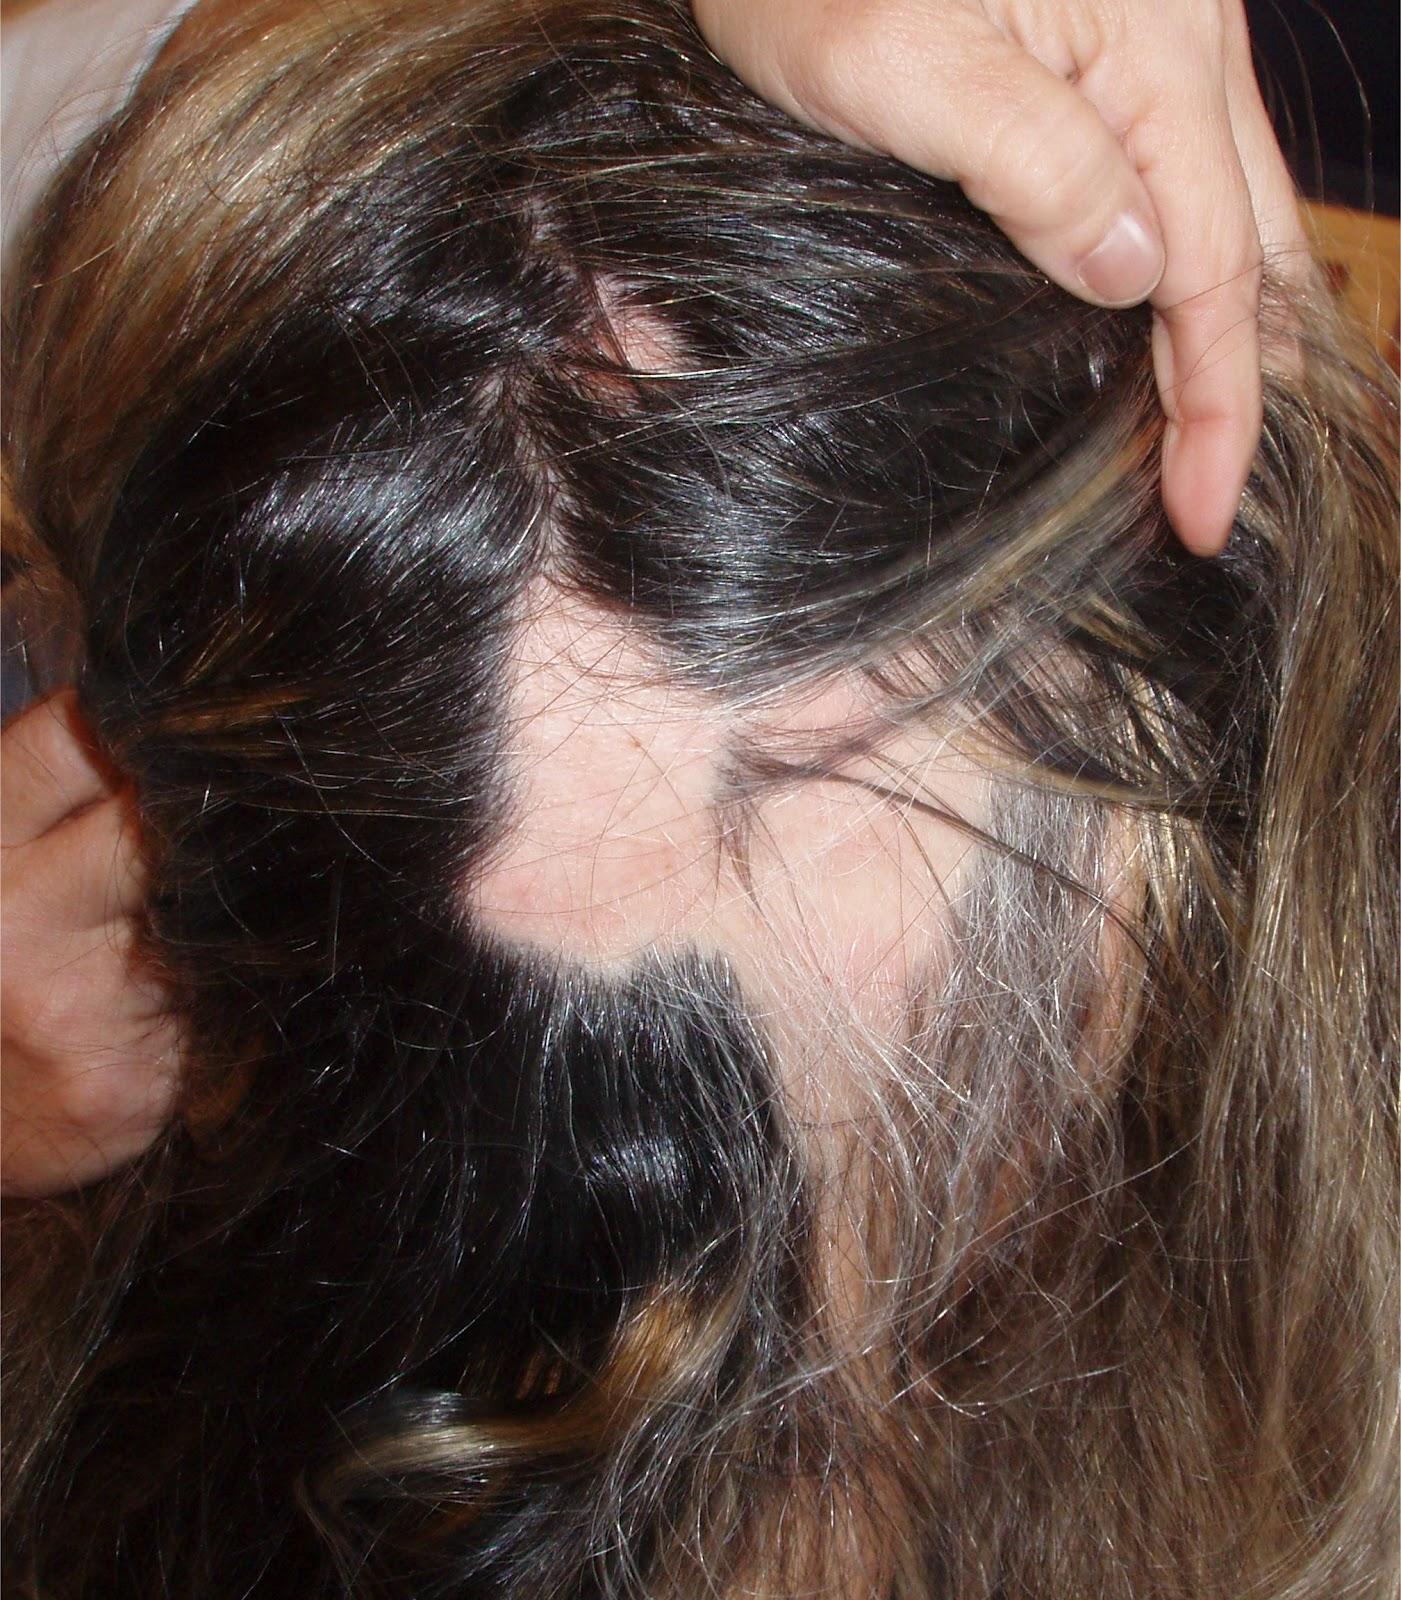 Las máscaras útiles y nutritivas para los cabellos